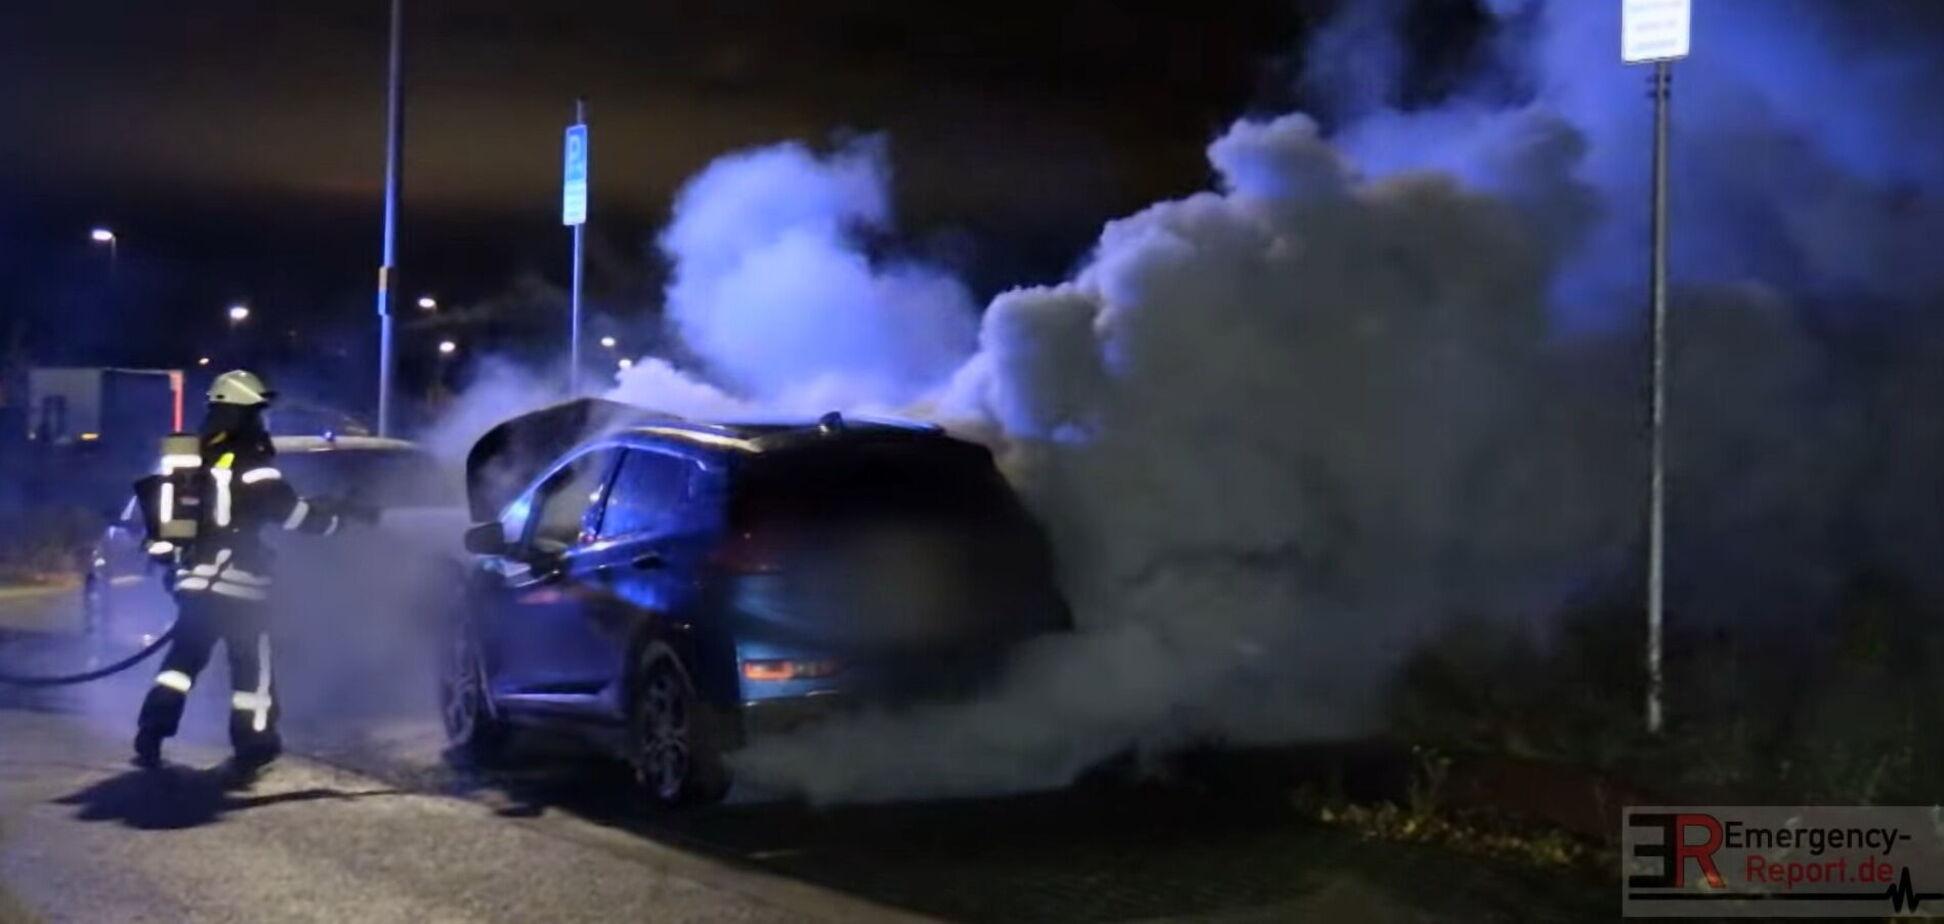 Електричний Opel гасили в Німеччині 5 годин: унікальне відео